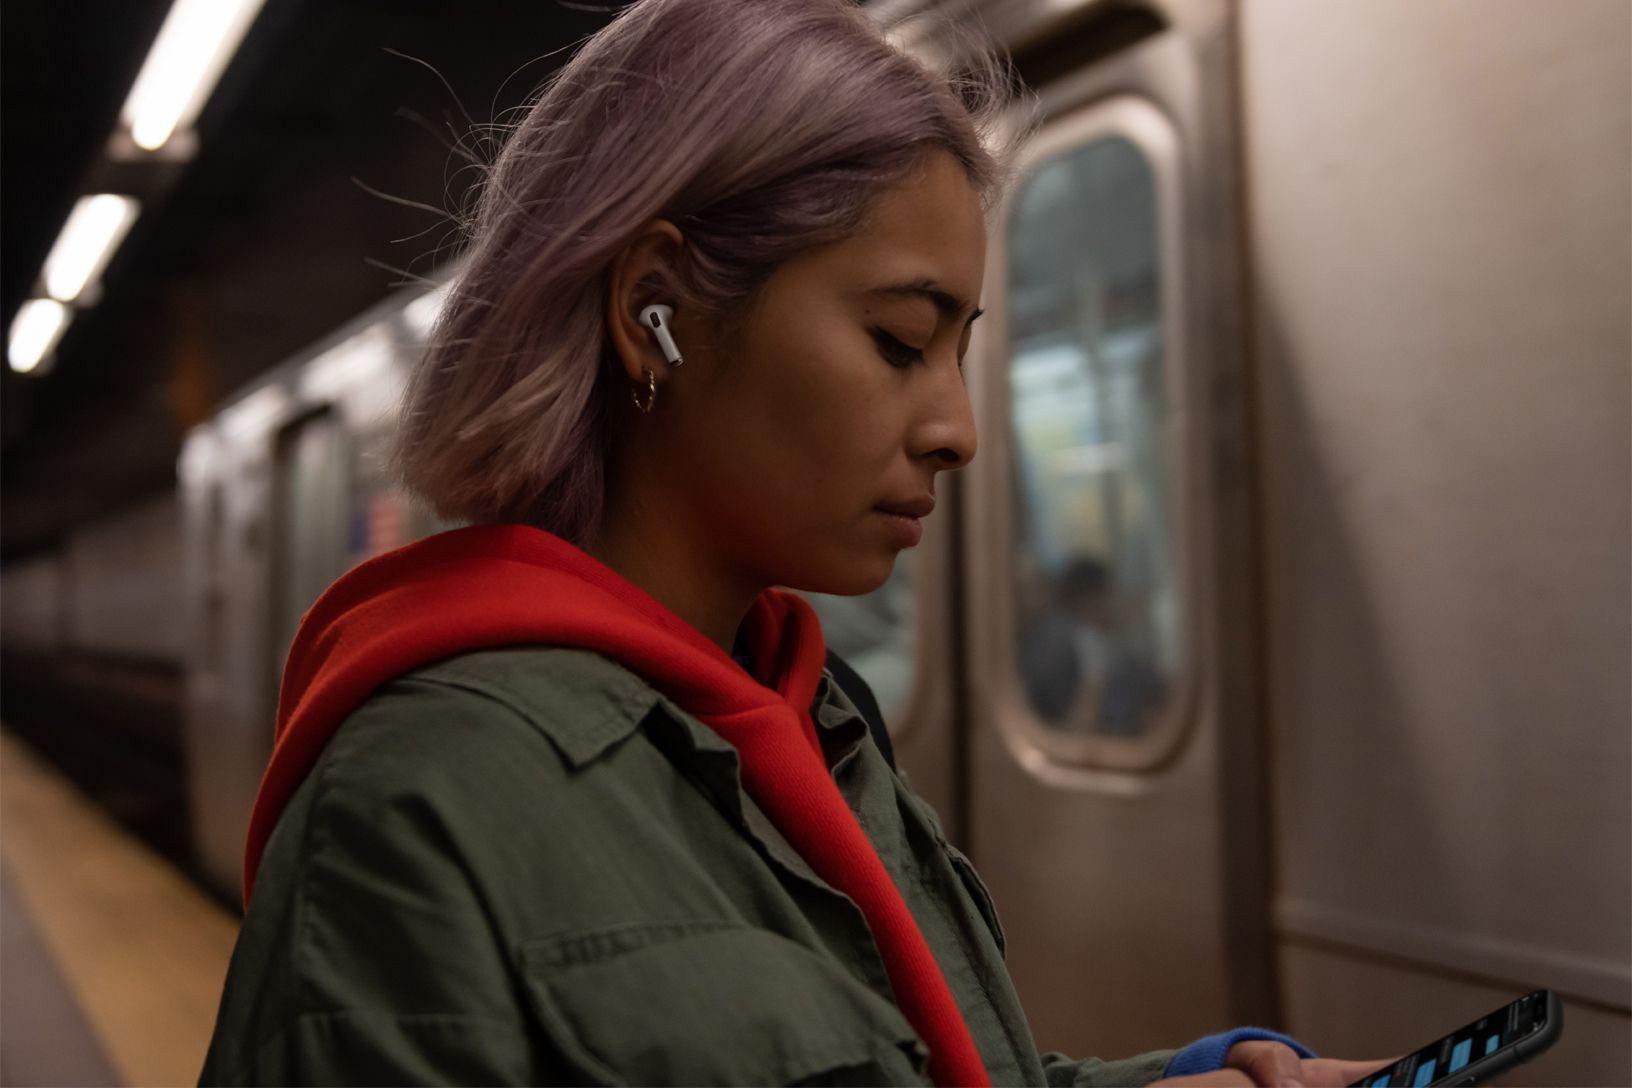 I nuovi Airpods Pro annullano i rumori esterni, isolano ma riportano alla realtà a tempo debito